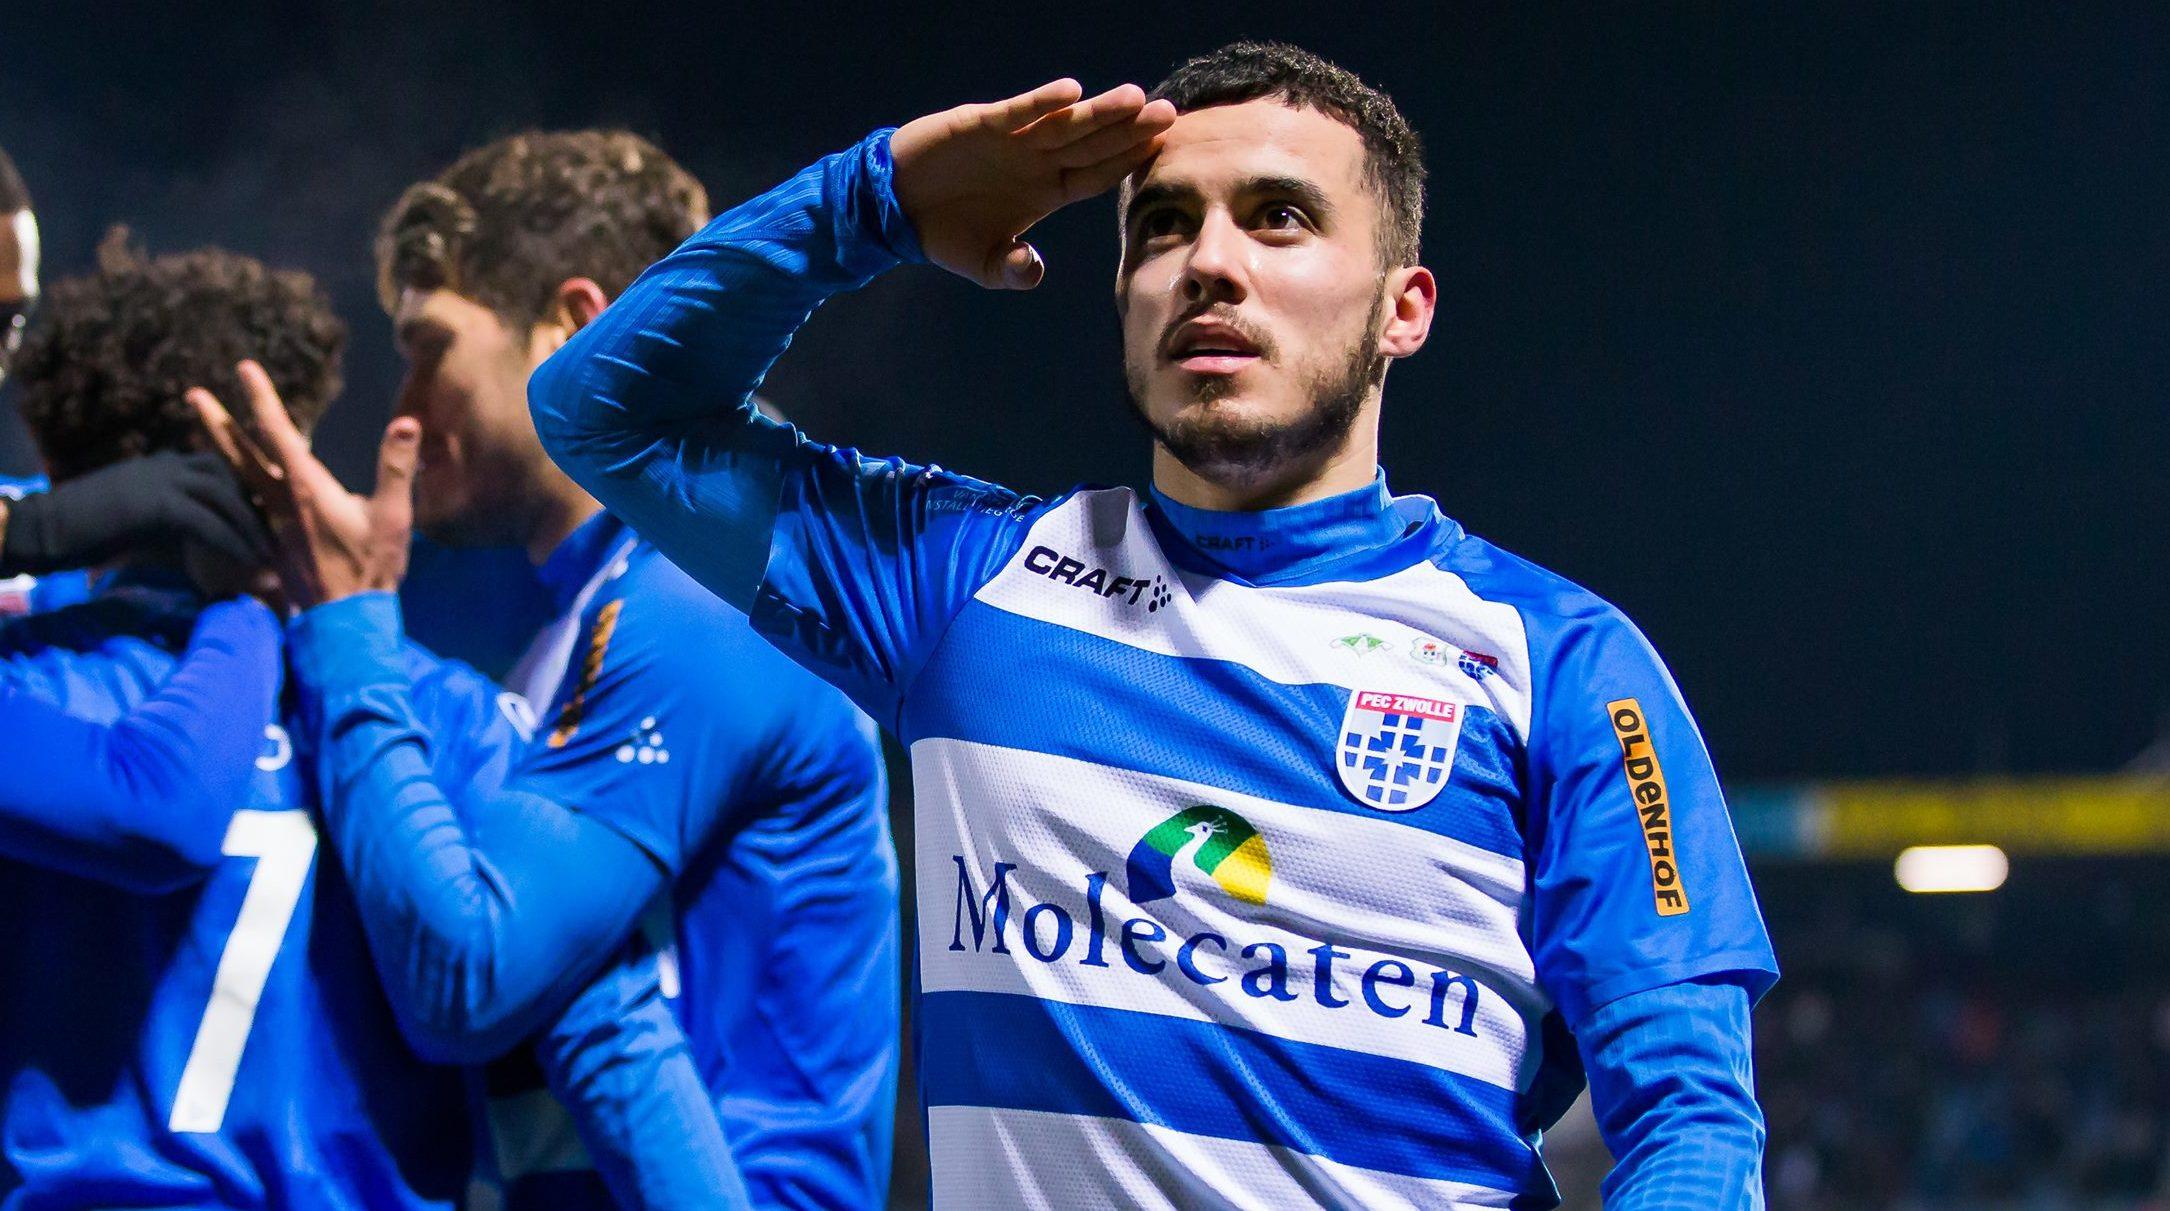 Vitesse-Zwolle 16 agosto: il pronostico di Eredivisie